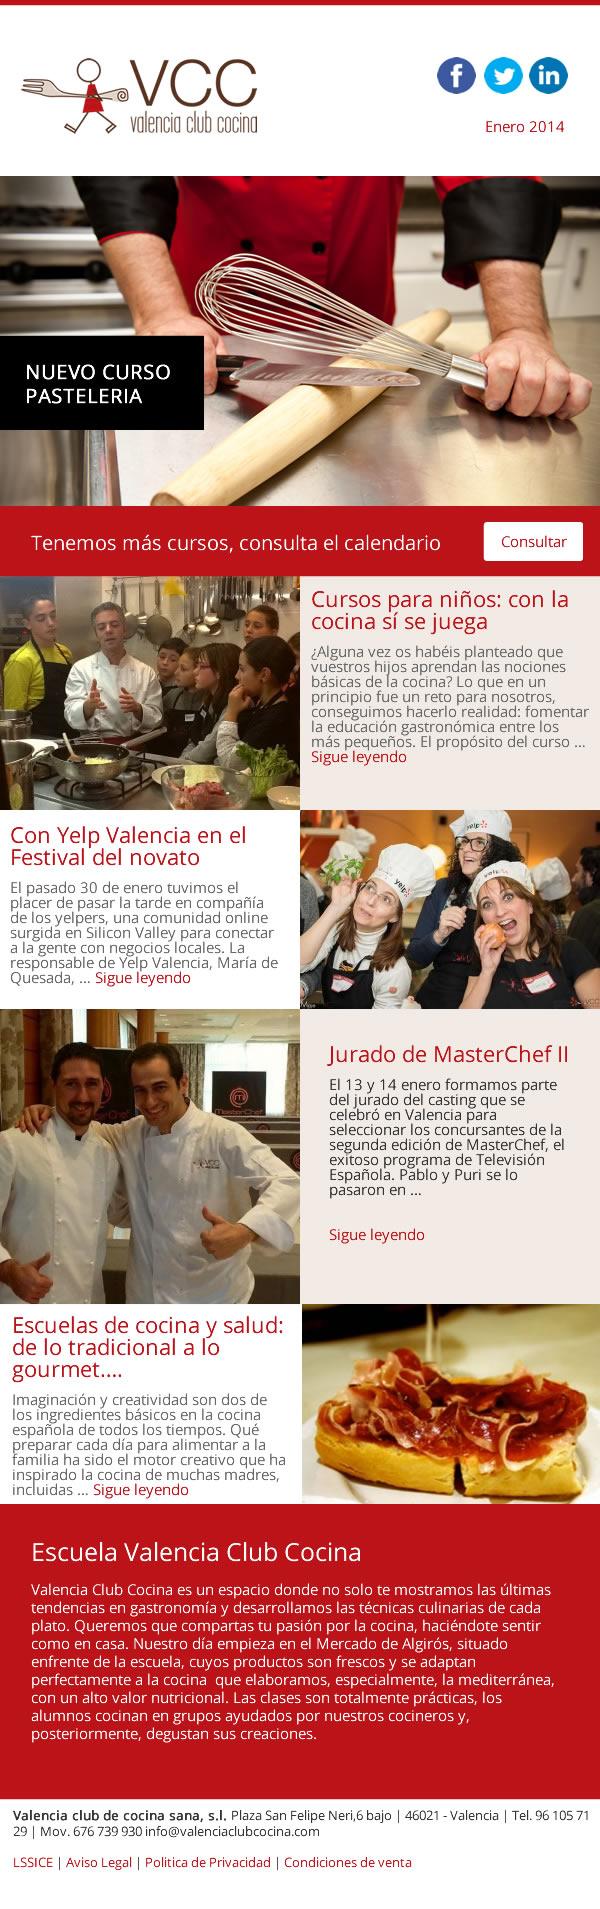 Dise o de newsletter para valencia club cocina cursos de - Valencia club de cocina ...